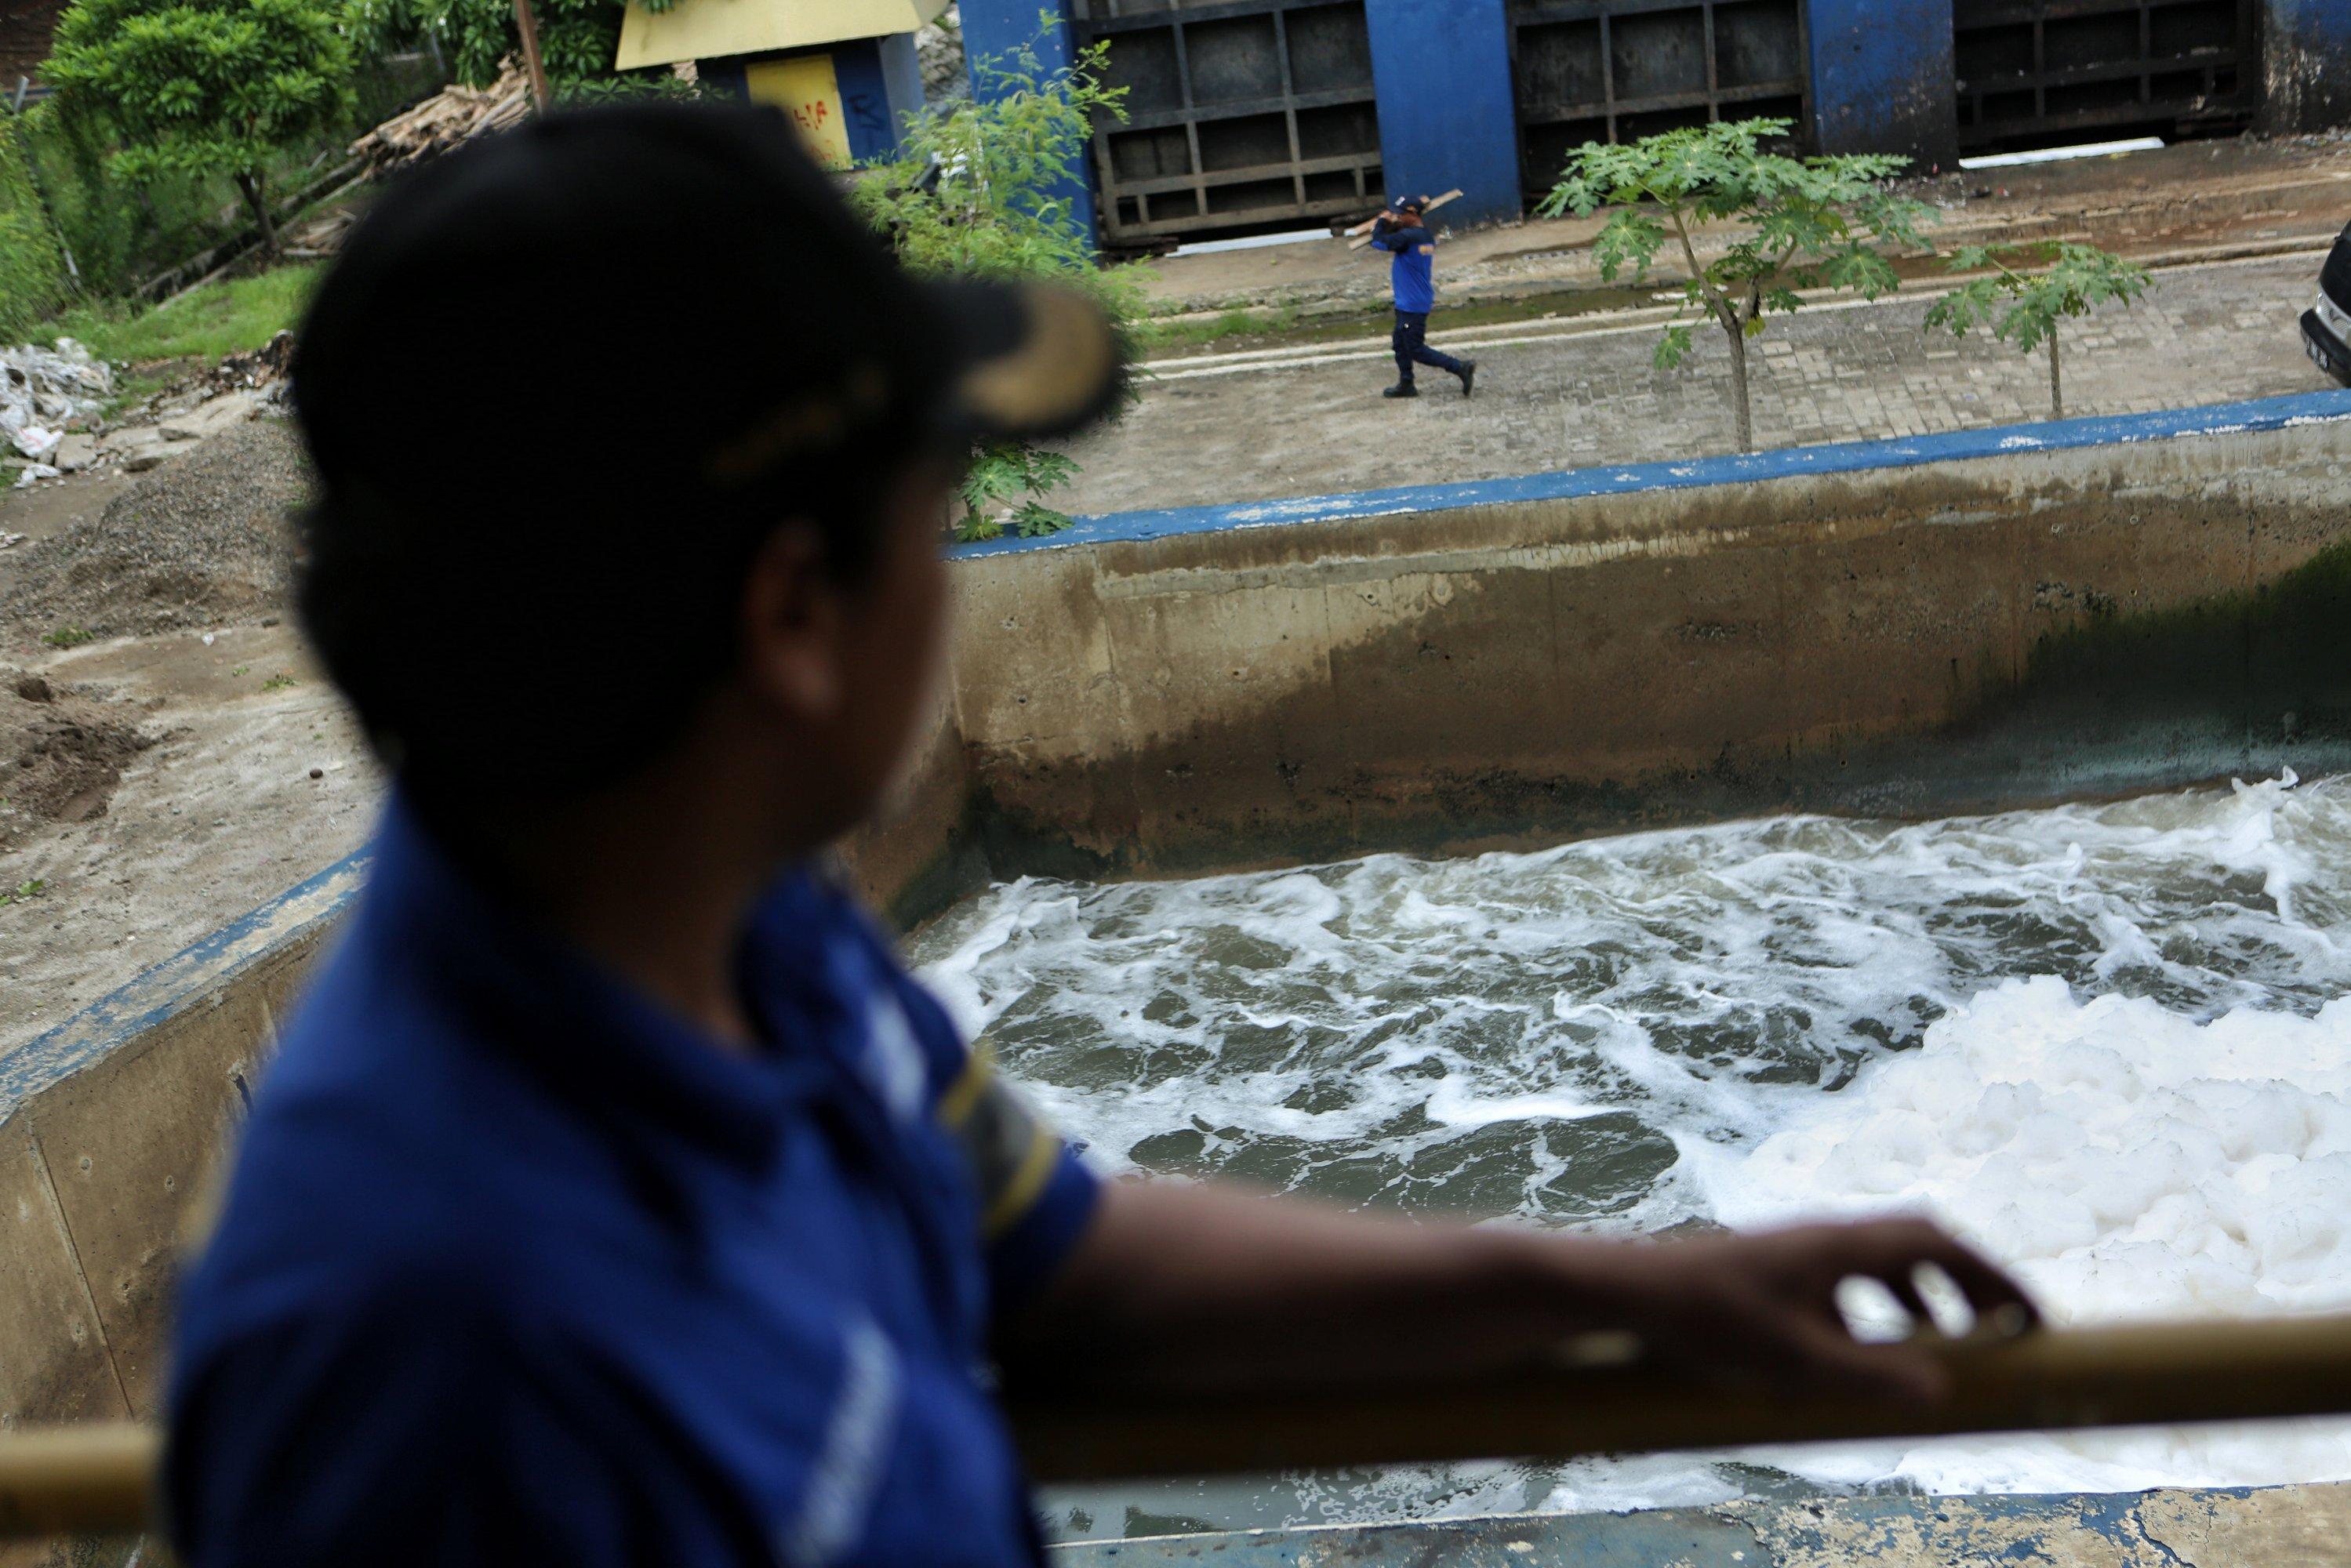 Petugas Dinas Sumber Daya Air (SDA) Aliran Timur menyiapkan pompa air di rumah pompa di Kawasan Ancol, Pademangan, Jakarta Utara, Rabu (8/1/2020). Menindaklanjuti informasi dari Badan Meteorologi, klimatologi dan Geofisika (BMKG) yang memprediksi terjadi pasang maksimum di daerah pesisir Jakarta Utara pada 9 sampai 11 Januari, Dinas SDA Aliran Timur menyiagakan 26 rumah pompa air yang di lengkapi dengan 48 unit pompa dengan kapasitas buang 447,1 m3 per menin untuk mengantisipasi banjir rob.